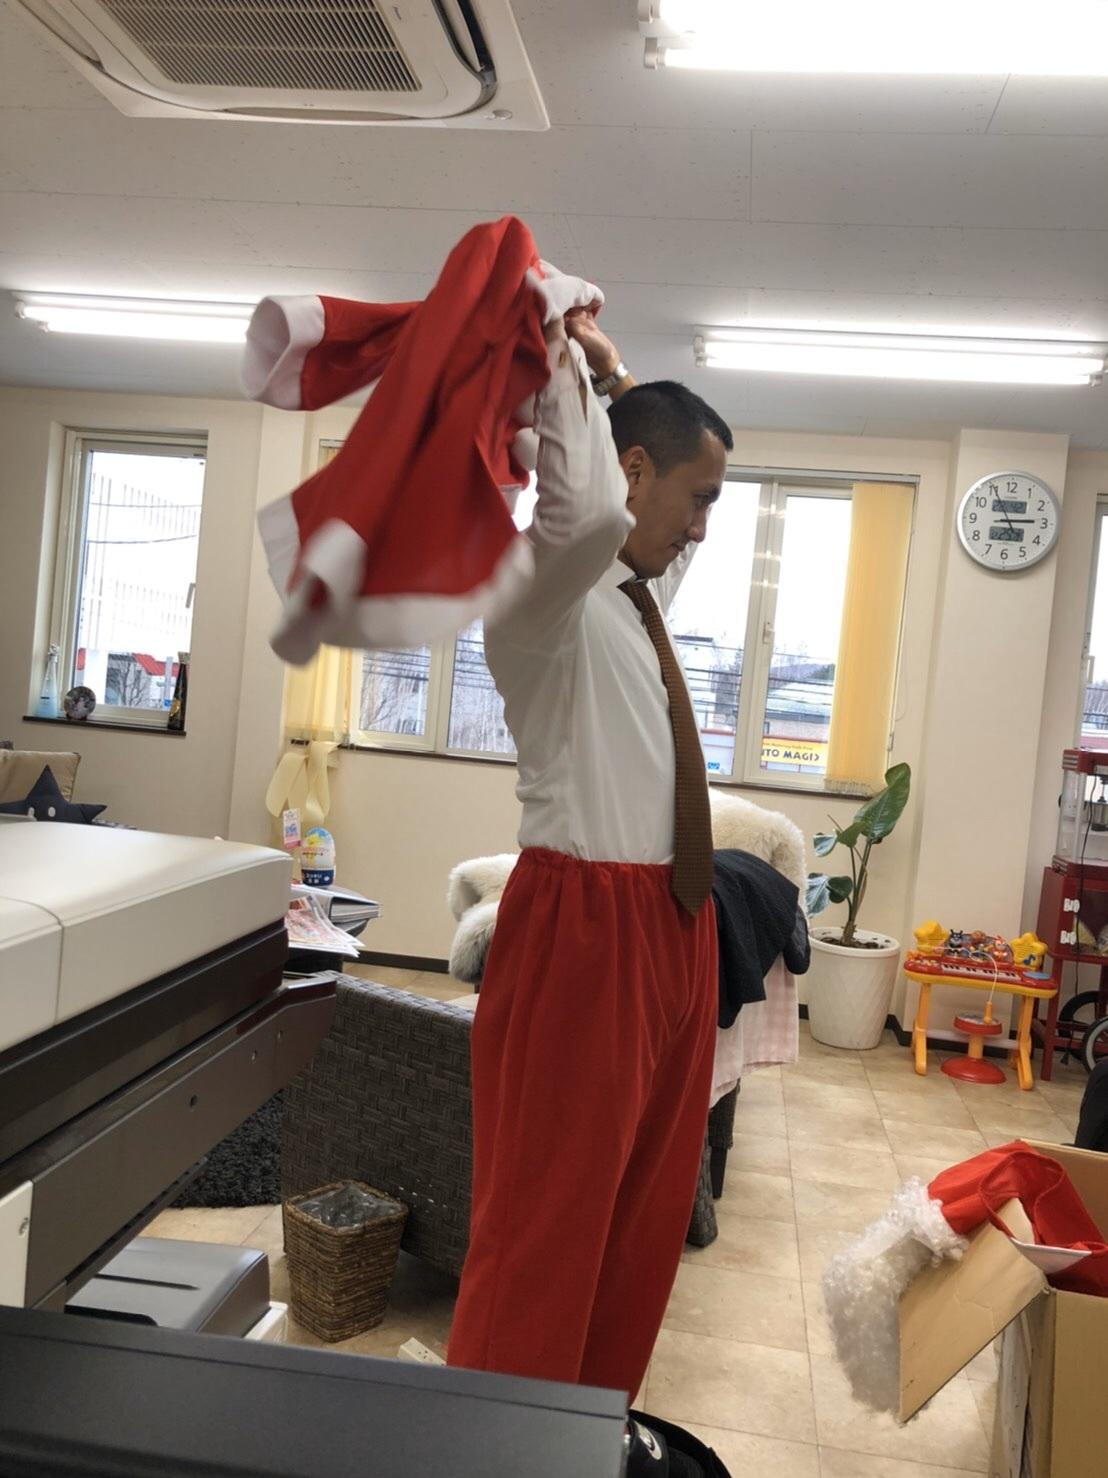 メリークリスマス(^^♪TOMMYサンタも出動!!!G社様 納車(^^)/ エスカレード、ハマー、ハイエース_b0127002_18100374.jpg